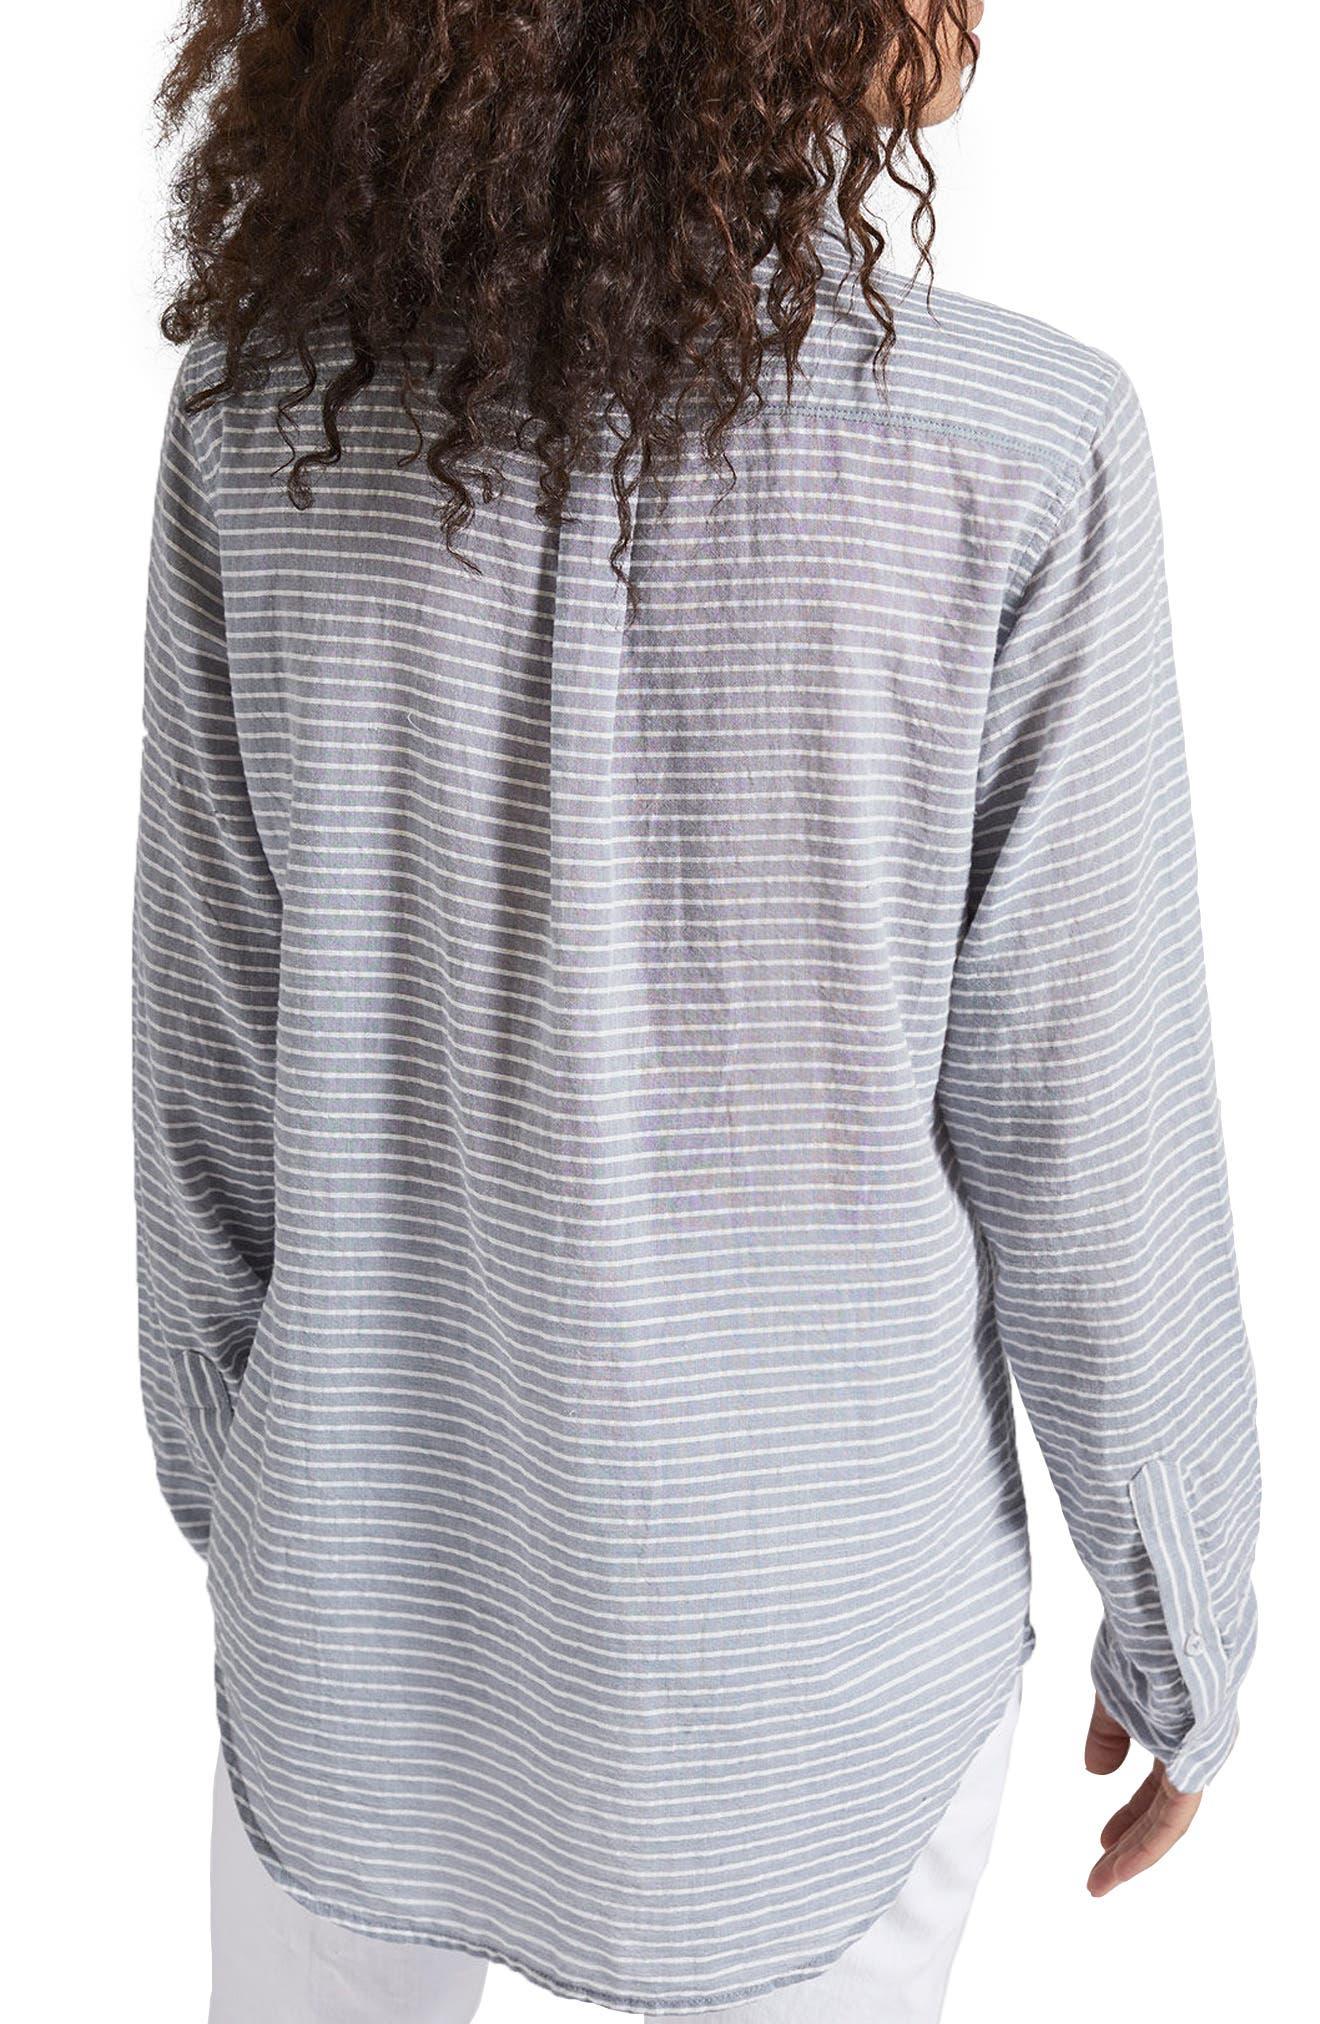 Alternate Image 2  - Current/Elliott The Boyfriend Shirt